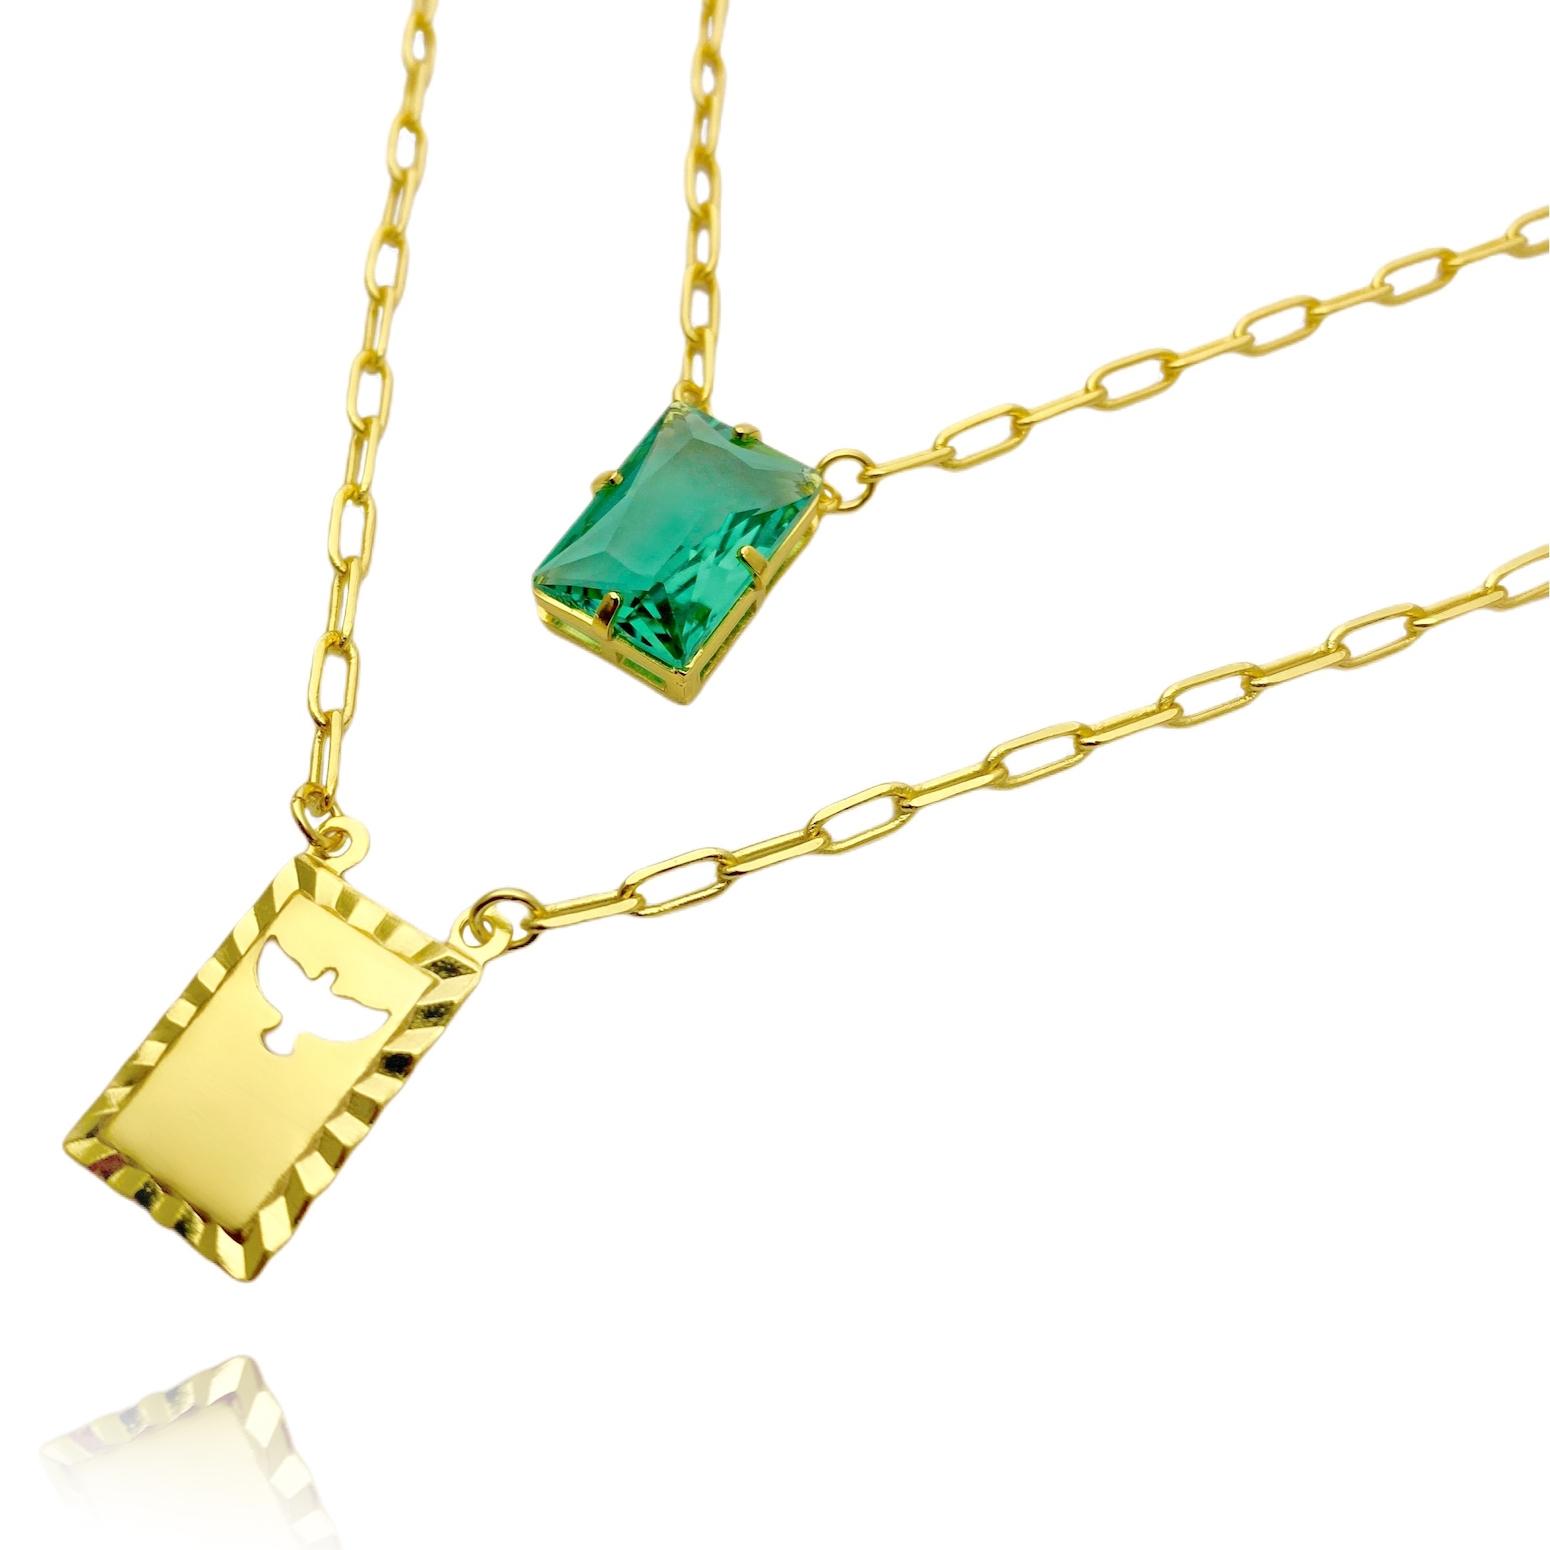 Escapulário Retangulo Espírito Santo Pedra Verde Carrier Diamantada 3mm 70cm (10,3g) (Banho Ouro 24k)